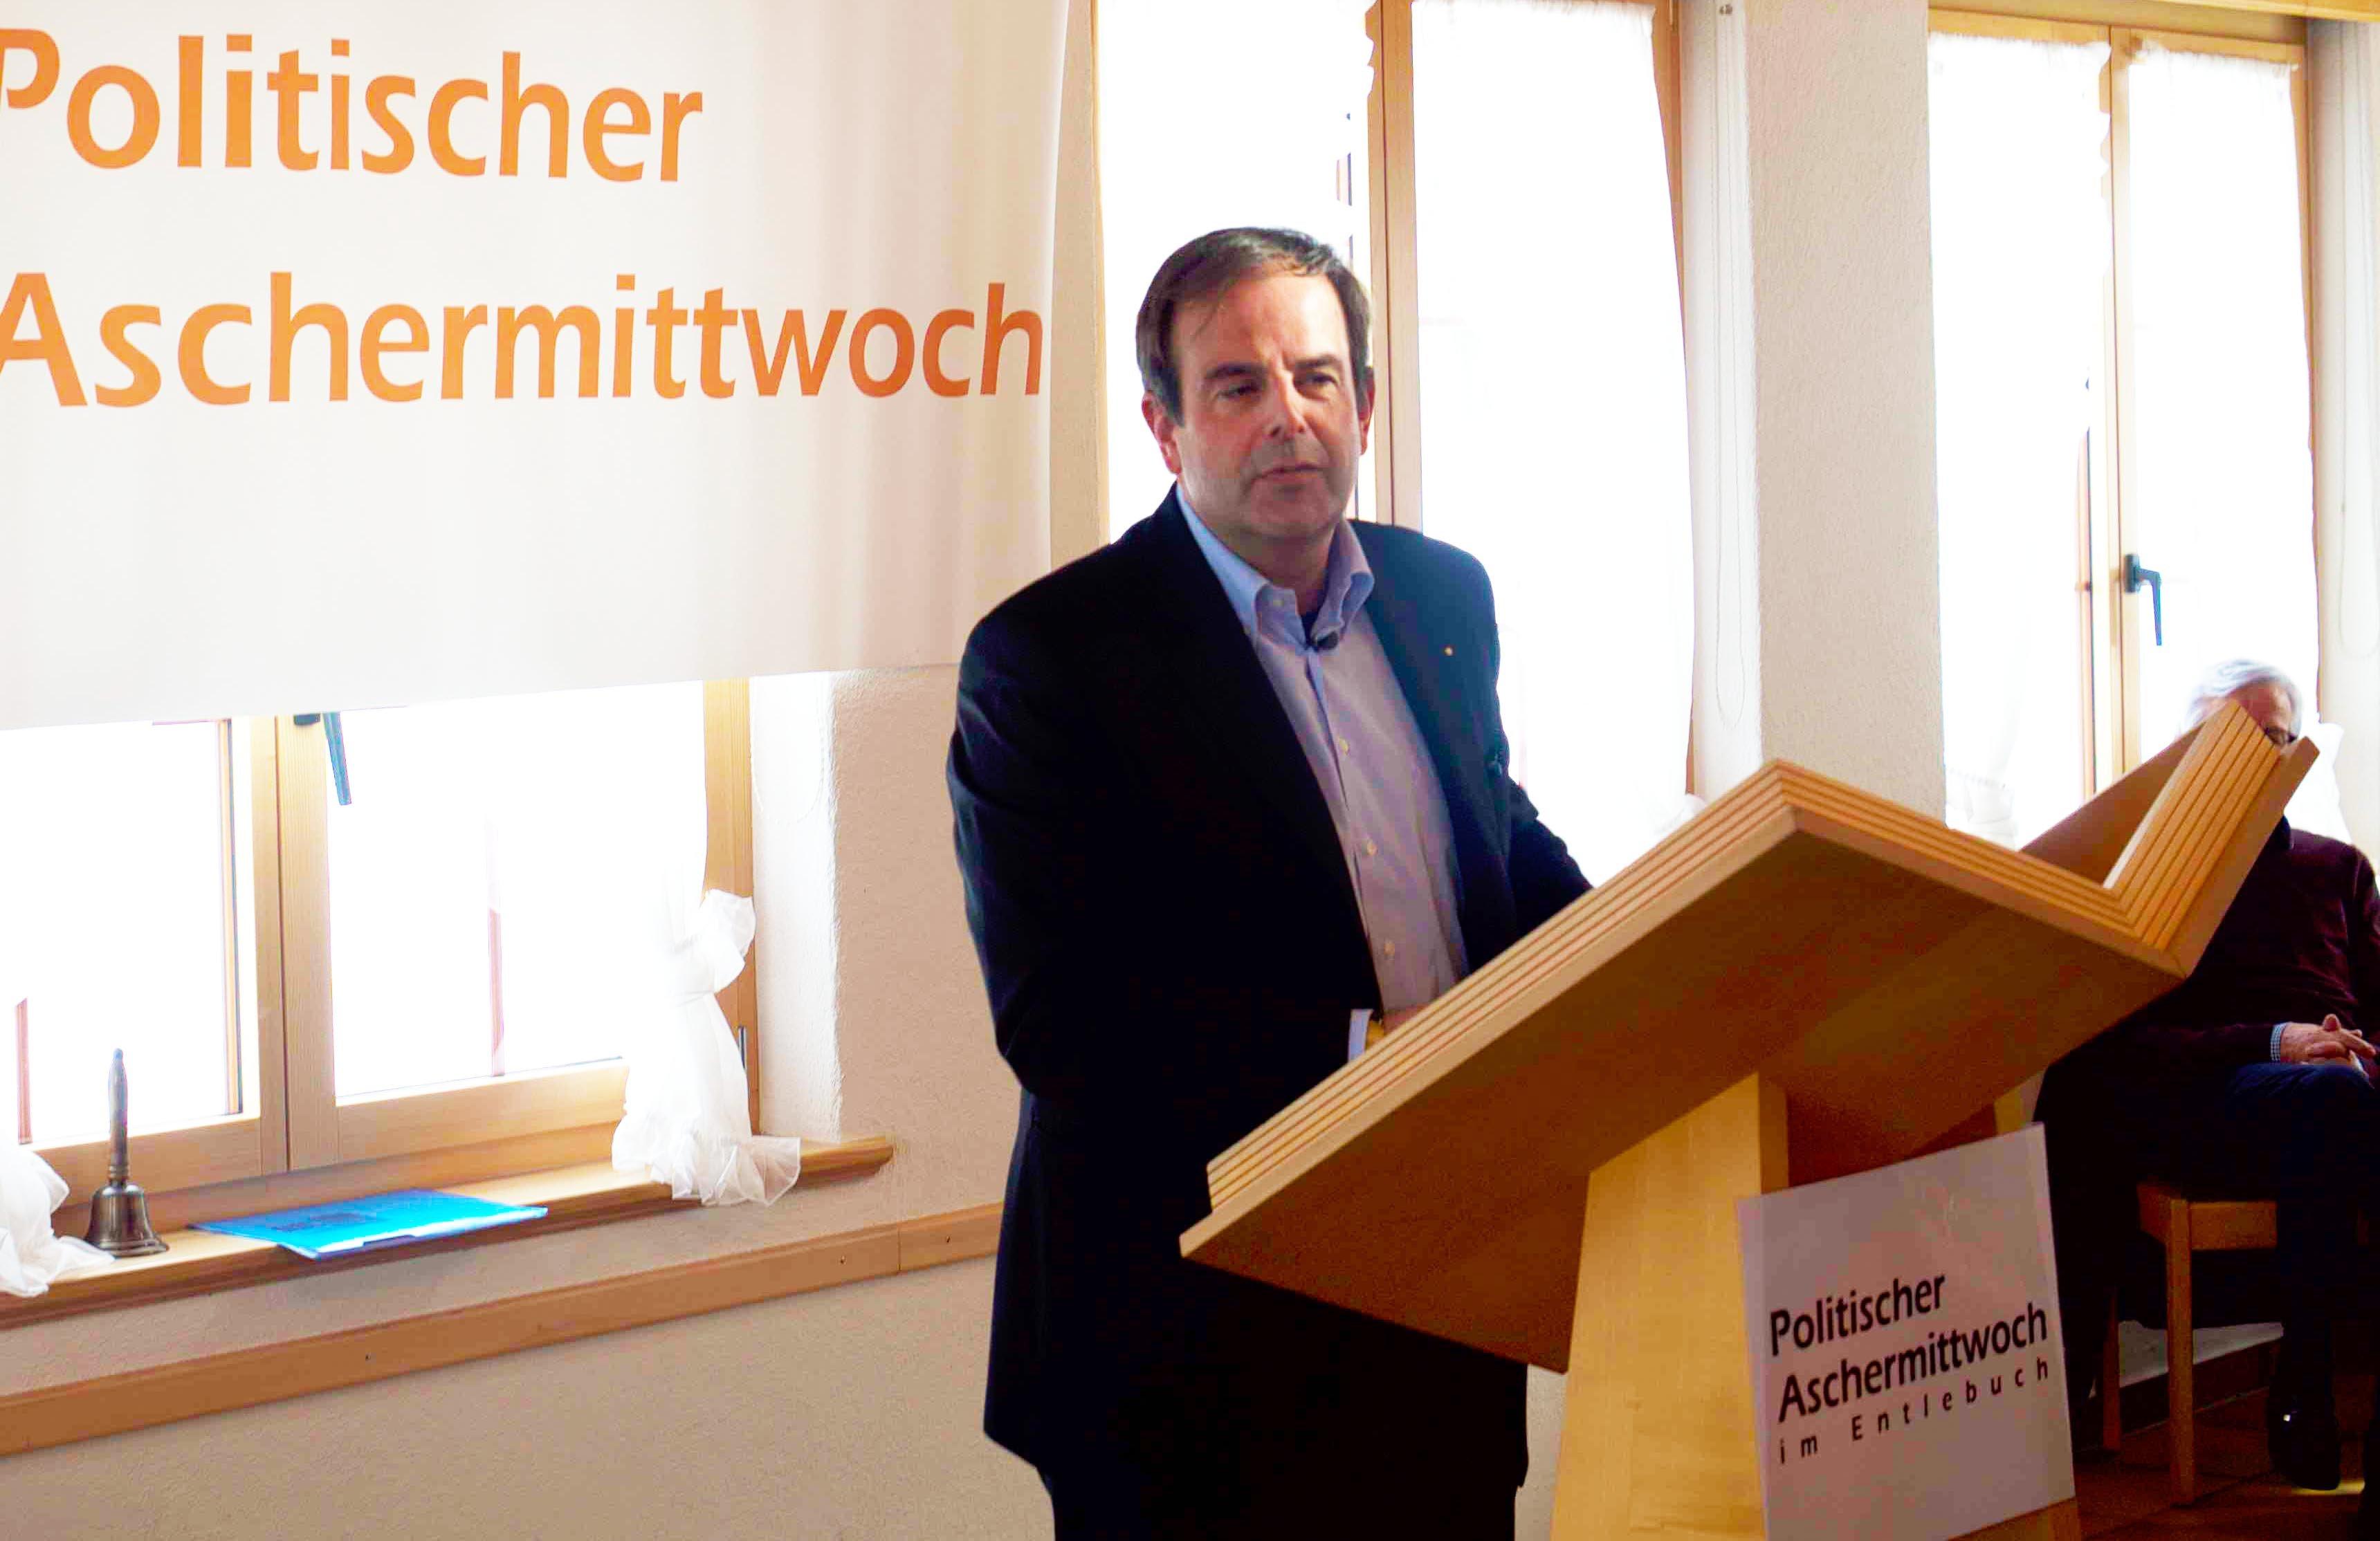 CVP-Präsident Gerhard Pfister: Nach Fremdeinschätzung nicht geeignet, um über Niklaus von Flüe zu sprechen. Und vielleicht gerade deshalb so überzeugend.